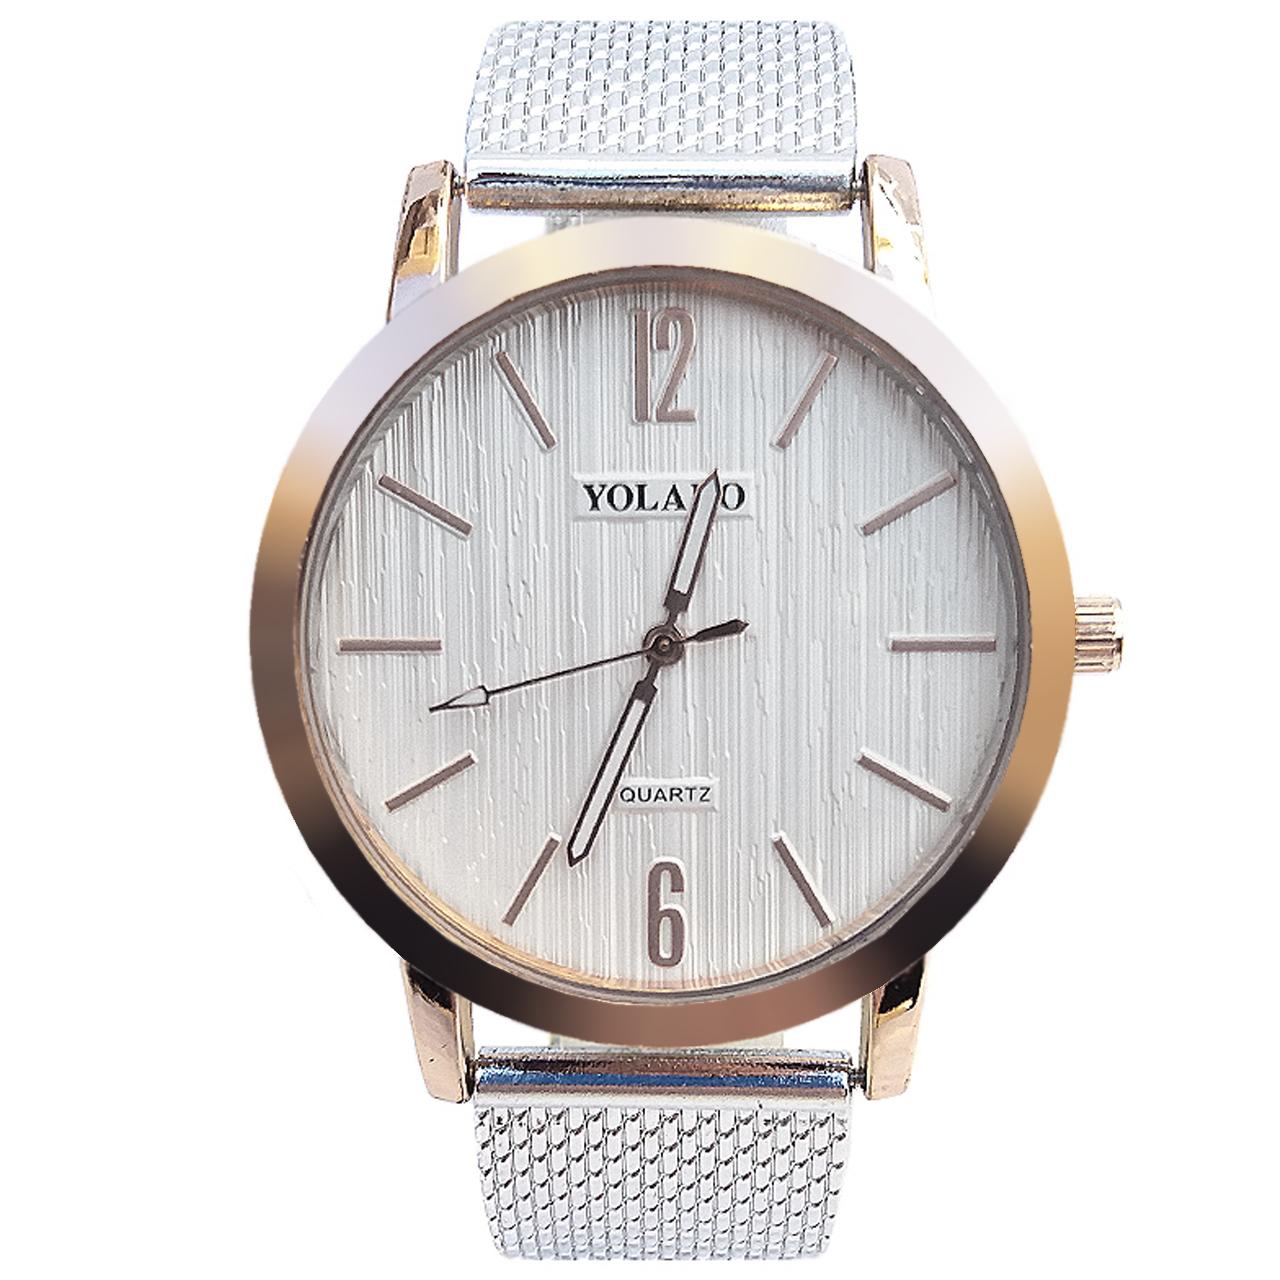 ساعت مچی عقربه ای  یولاکو مدل 113